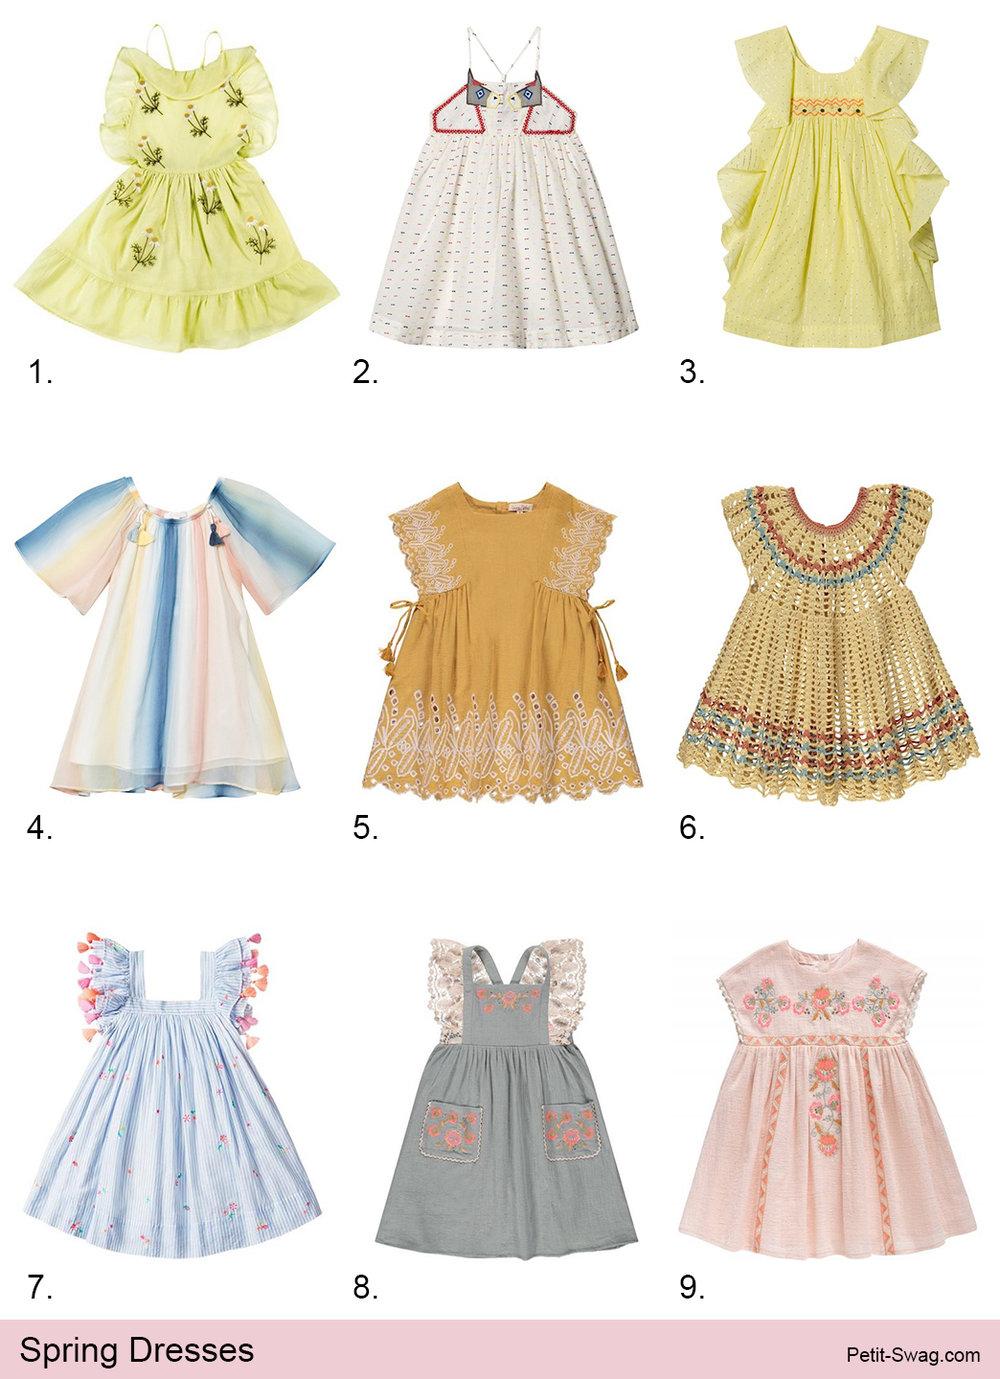 Spring Dresses | Petit-Swag.com